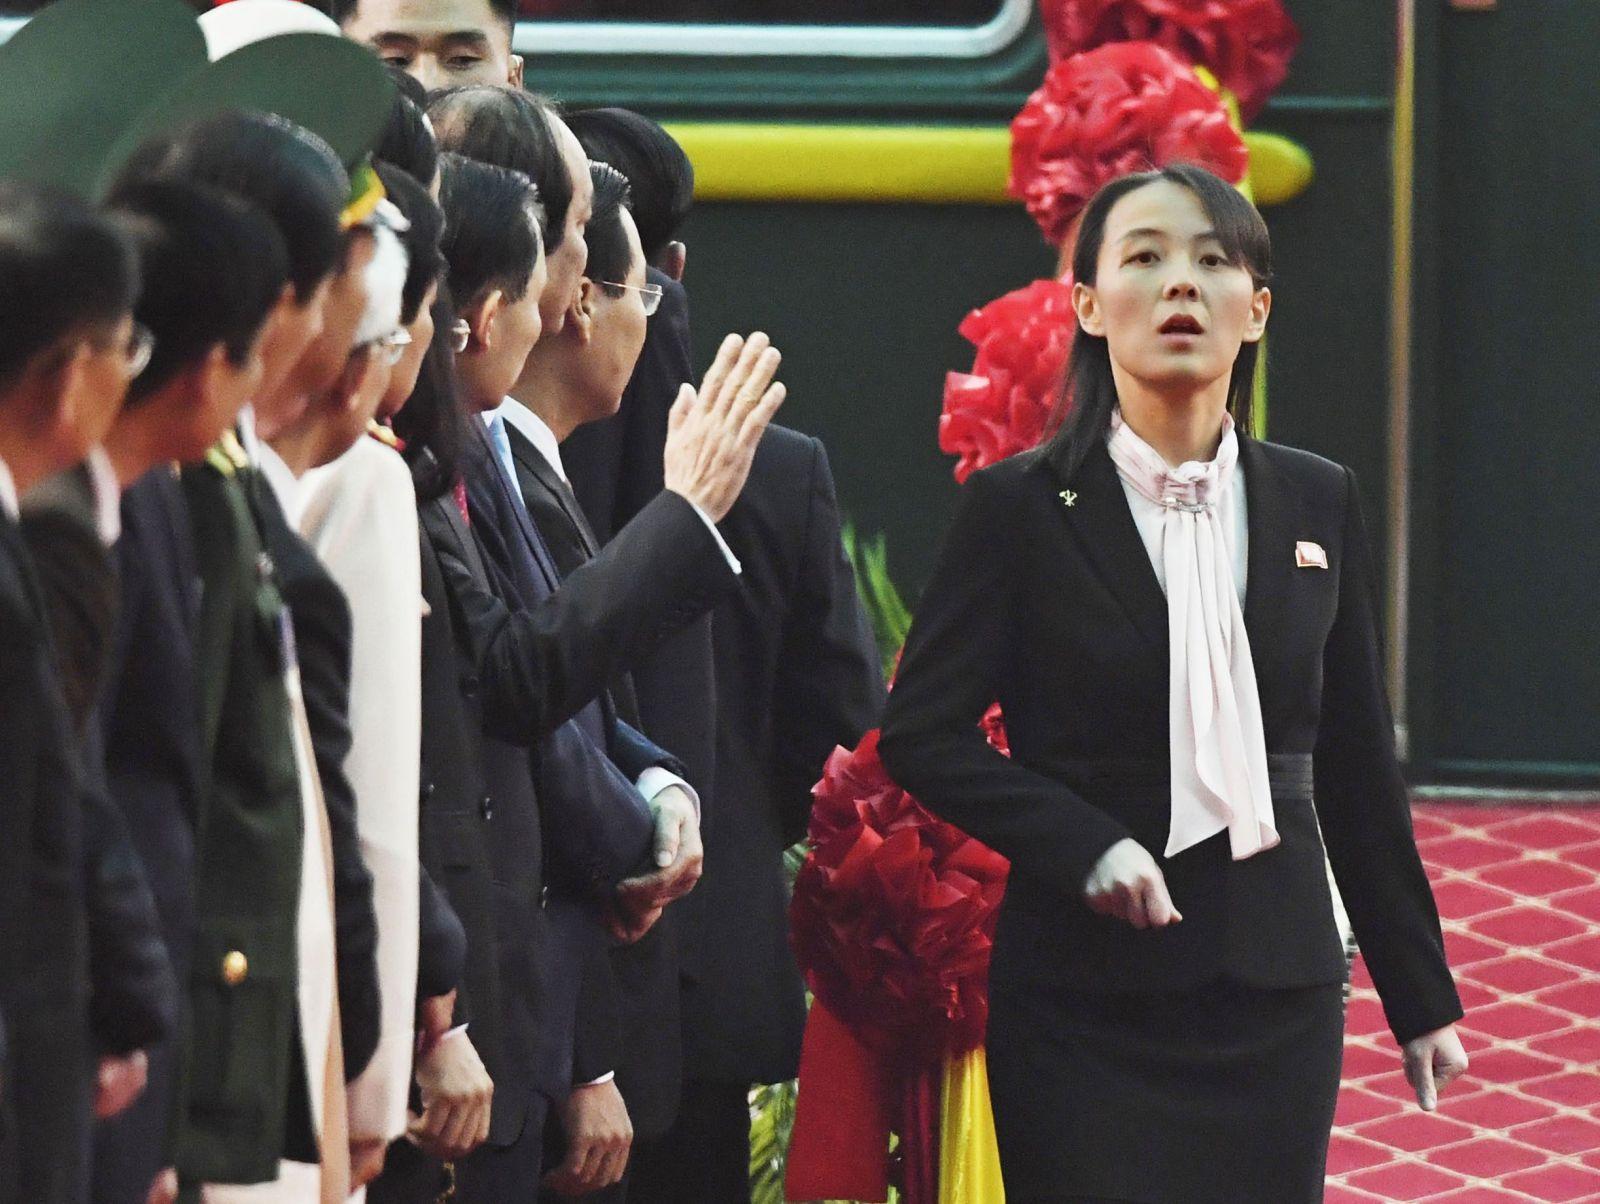 Kim Jo-džong po príchode do Vietnamu, kde šla s bratom na druhý samit s americkým prezidentom Donaldom Trumpom v roku 2019.